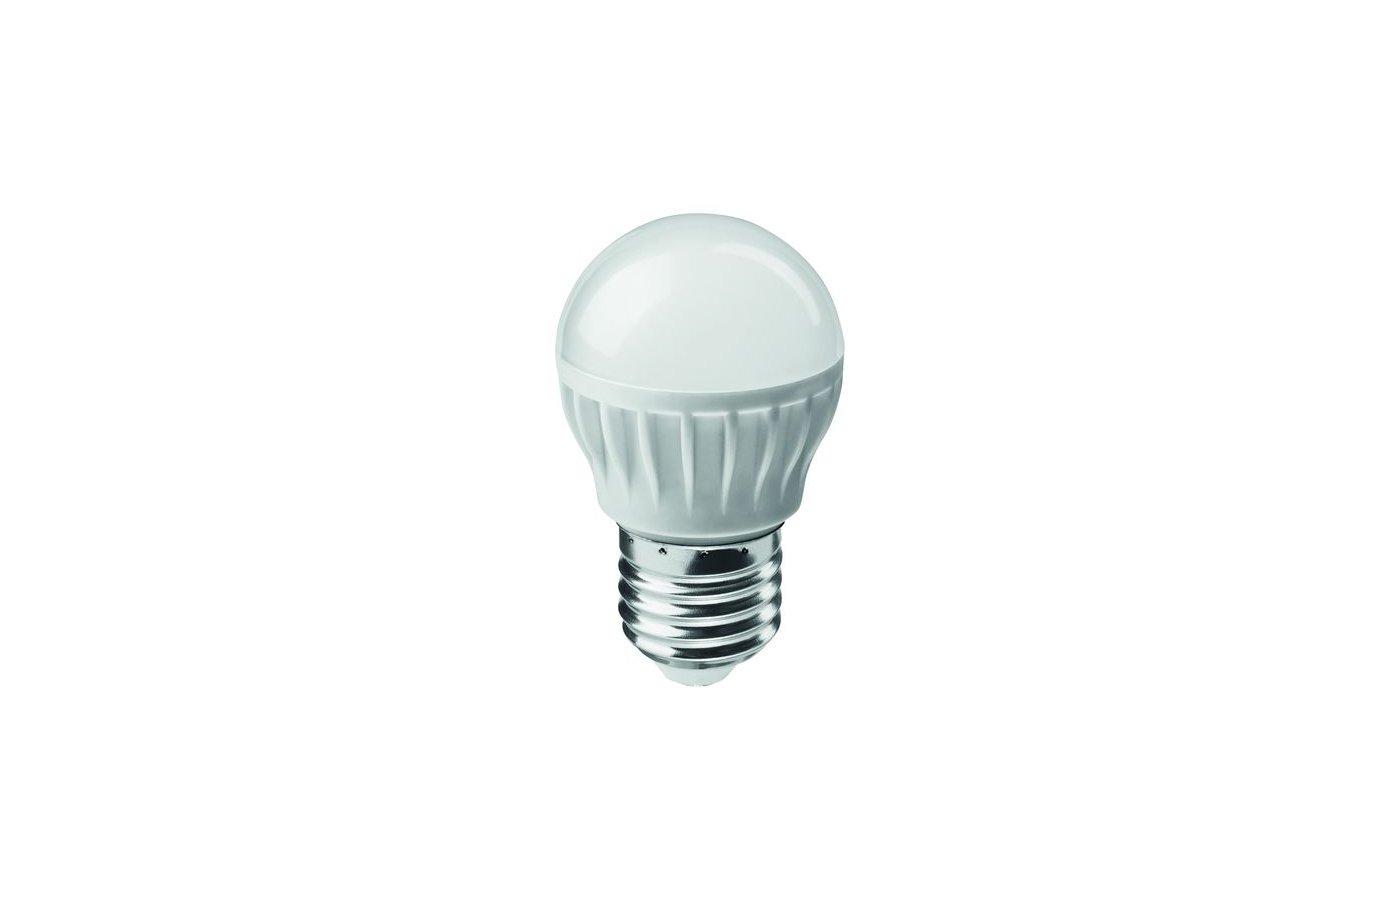 Лампочки энергосберегающие ОНЛАЙТ 71645 G45-6